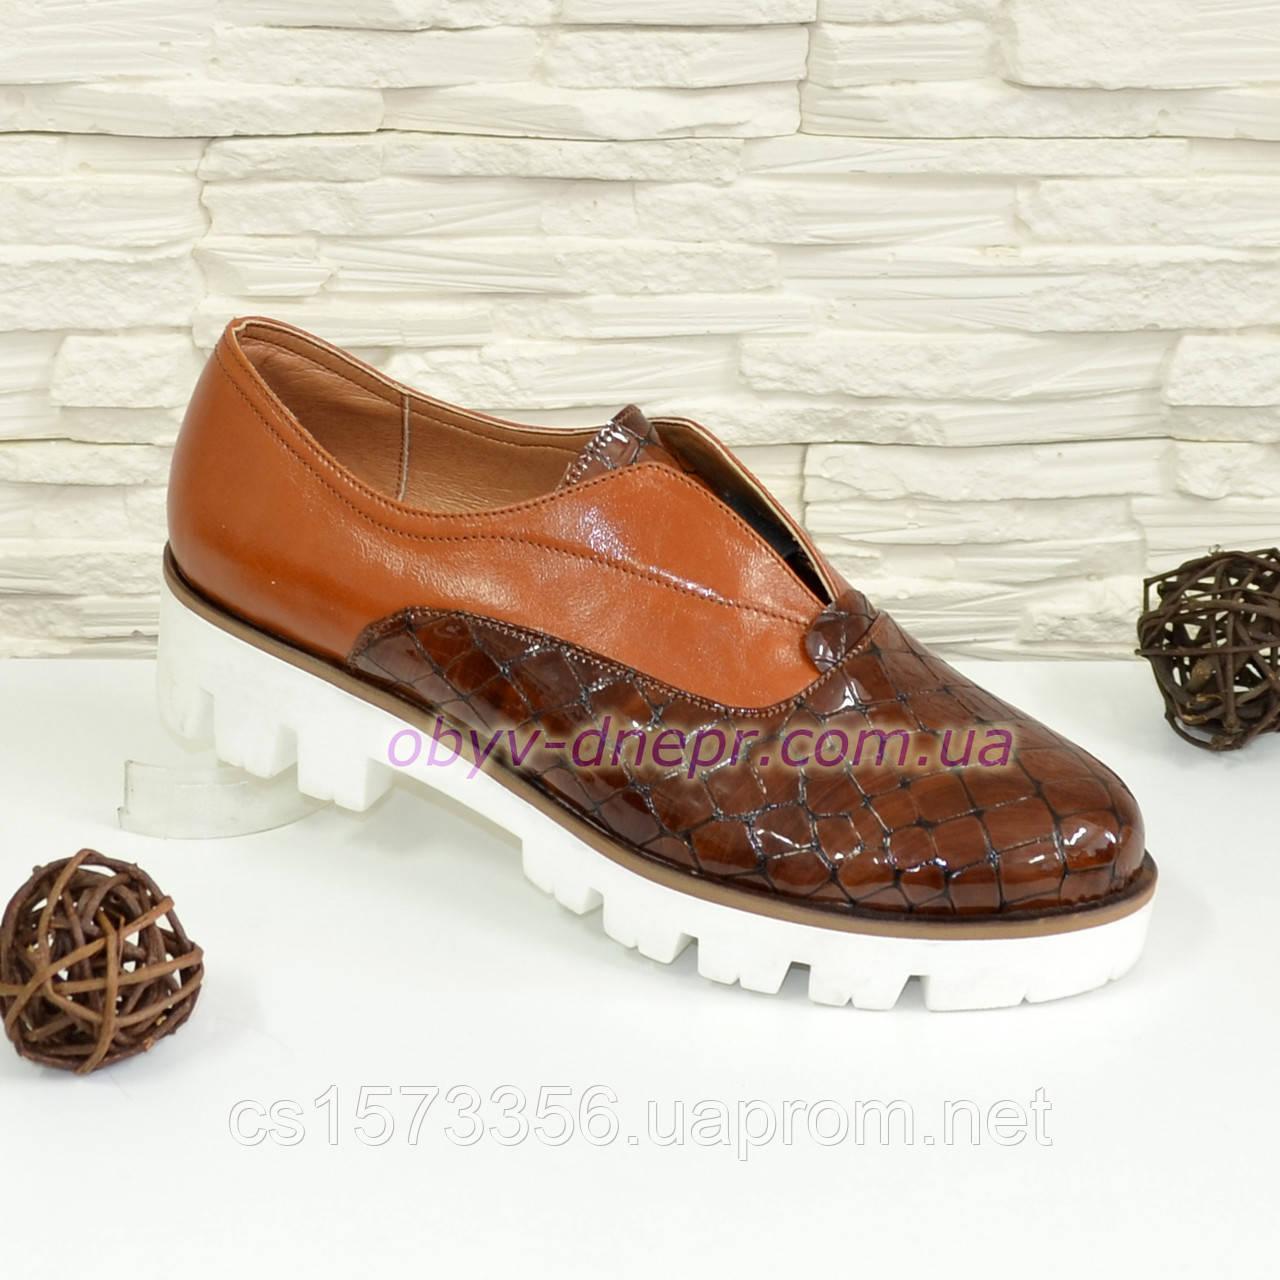 Женские коричневые туфли на утолщенной подошве, кожа и кожа рептилия.